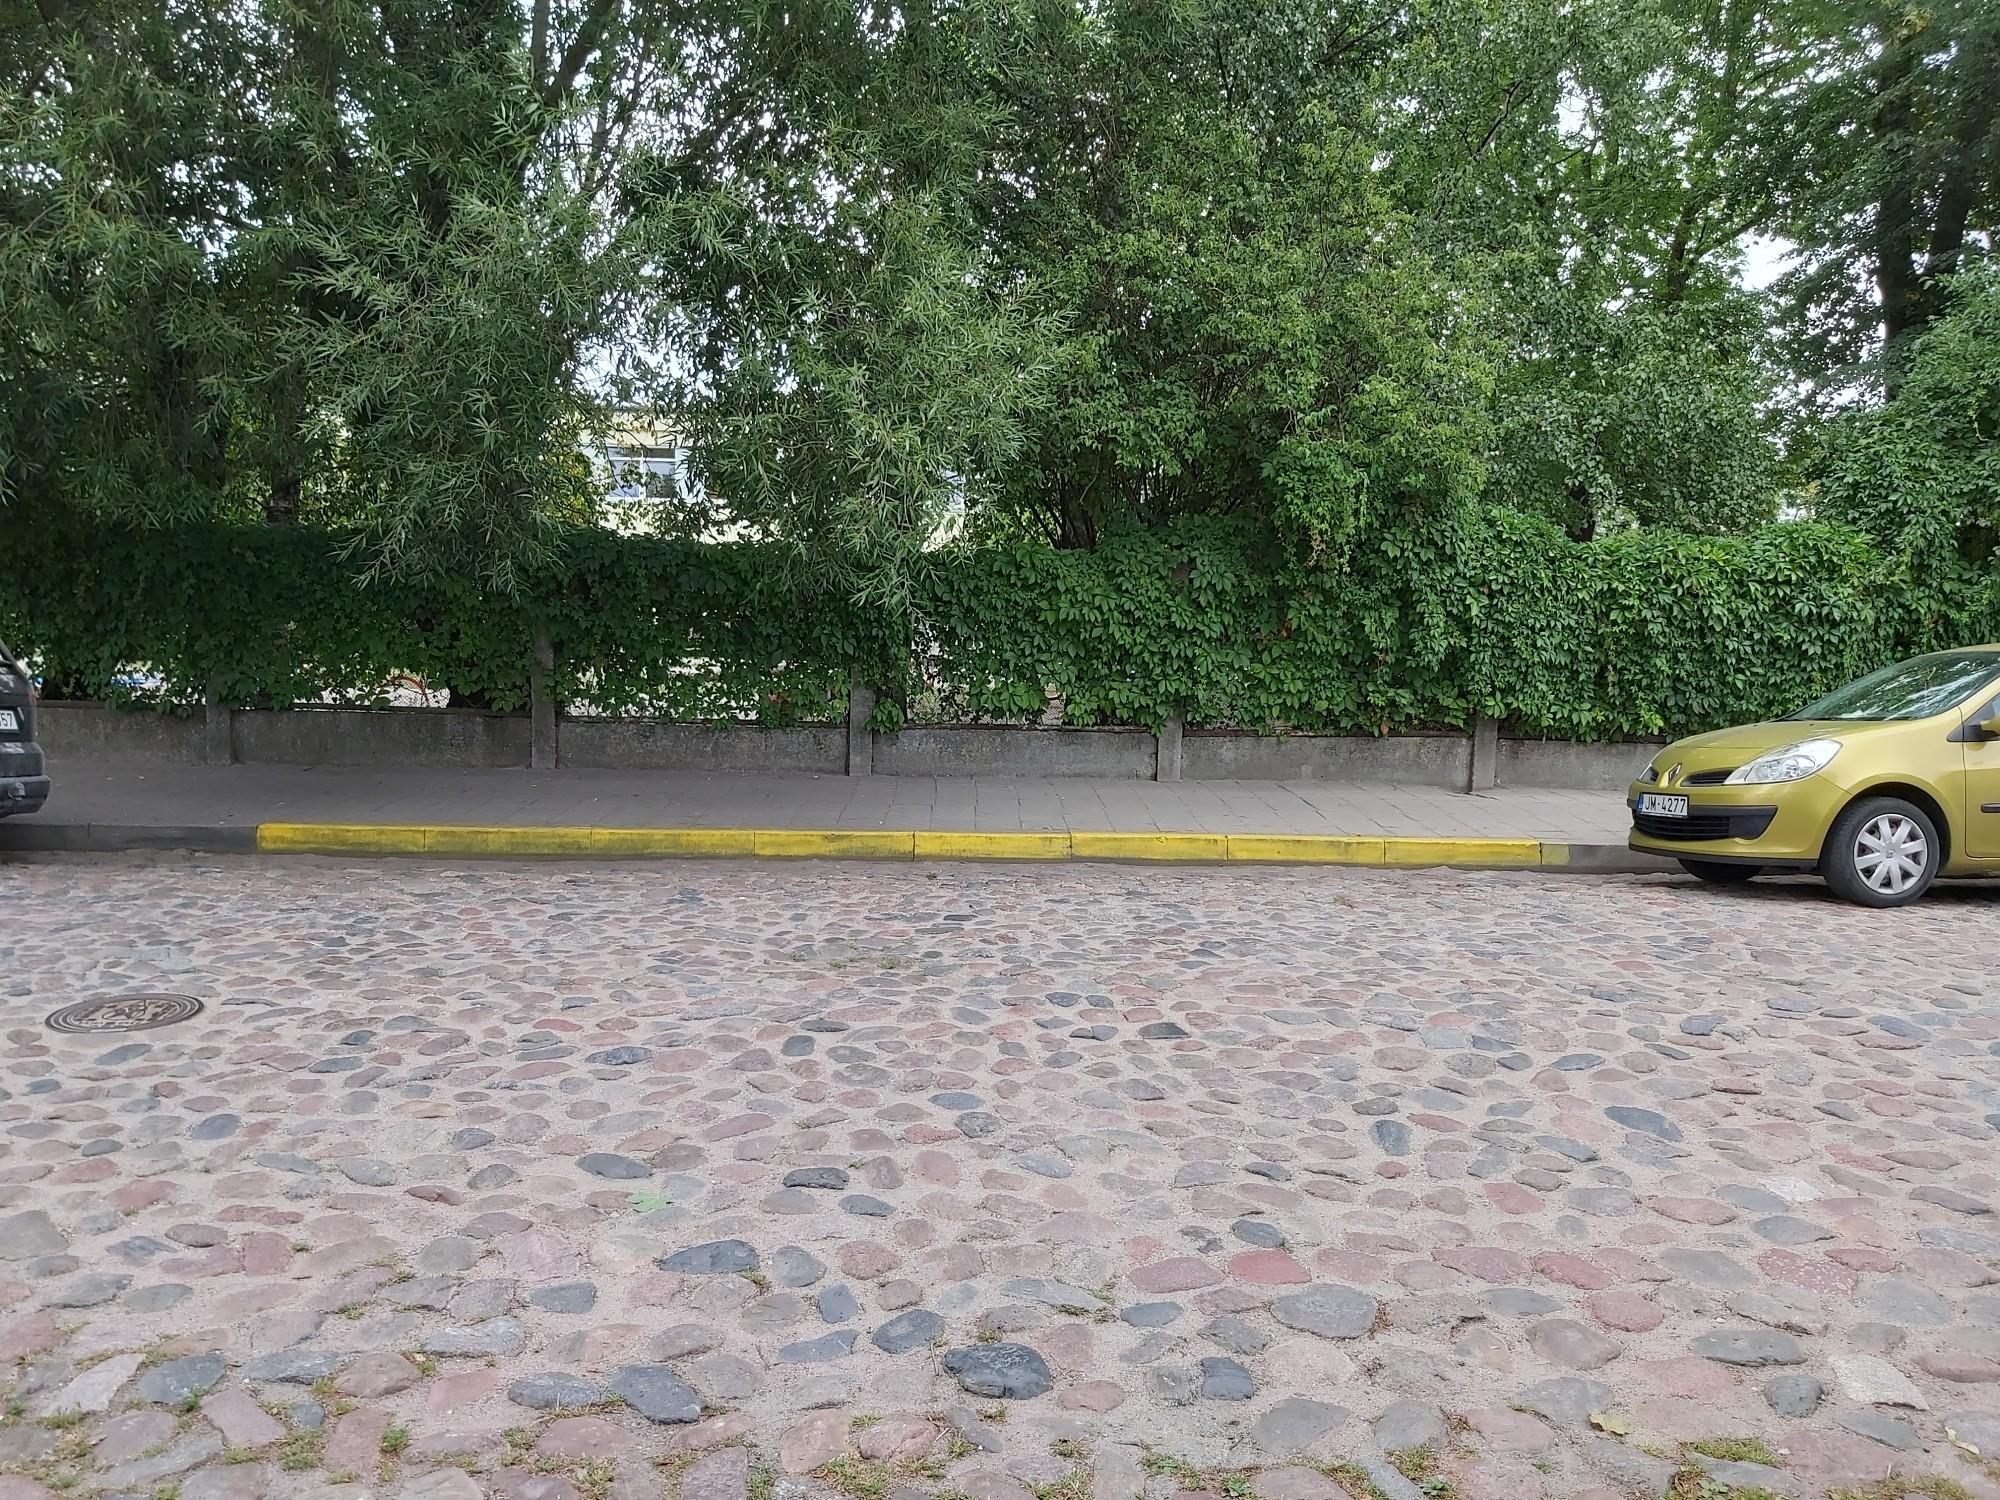 Dzeltenās līnijas Zāļu ielā ir nelikumīgas, tās likvidēs